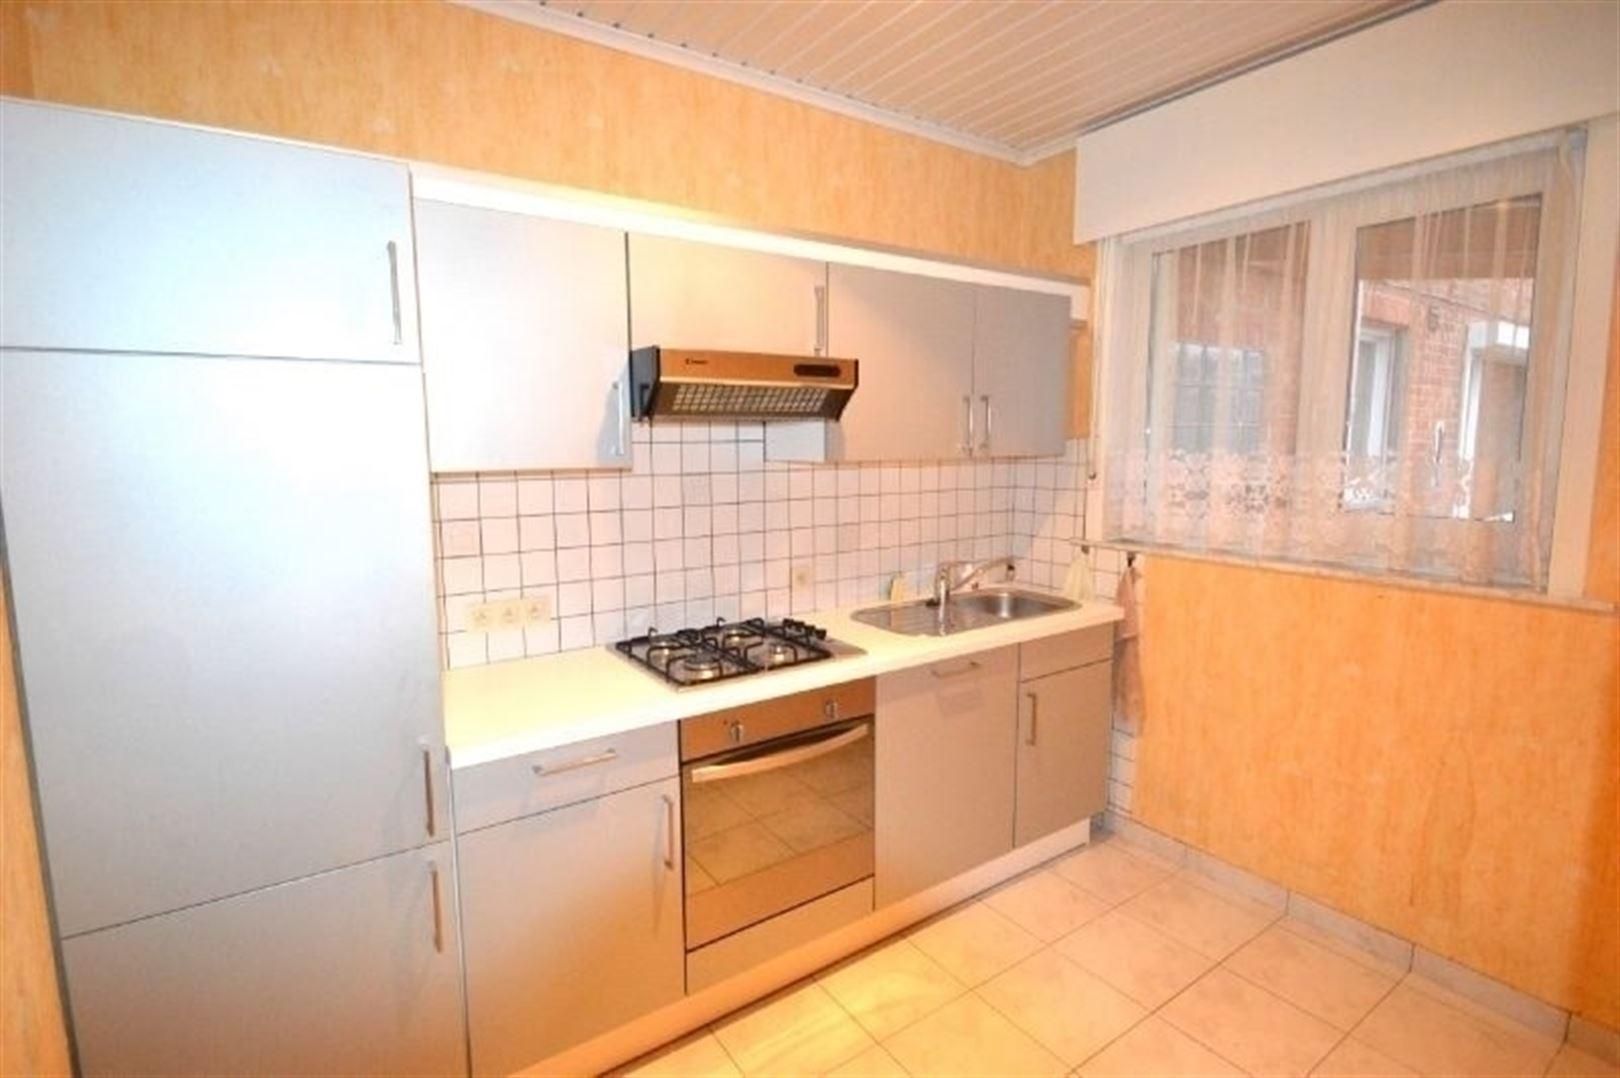 Foto 8 : Woning te 9200 Baasrode (België) - Prijs € 695